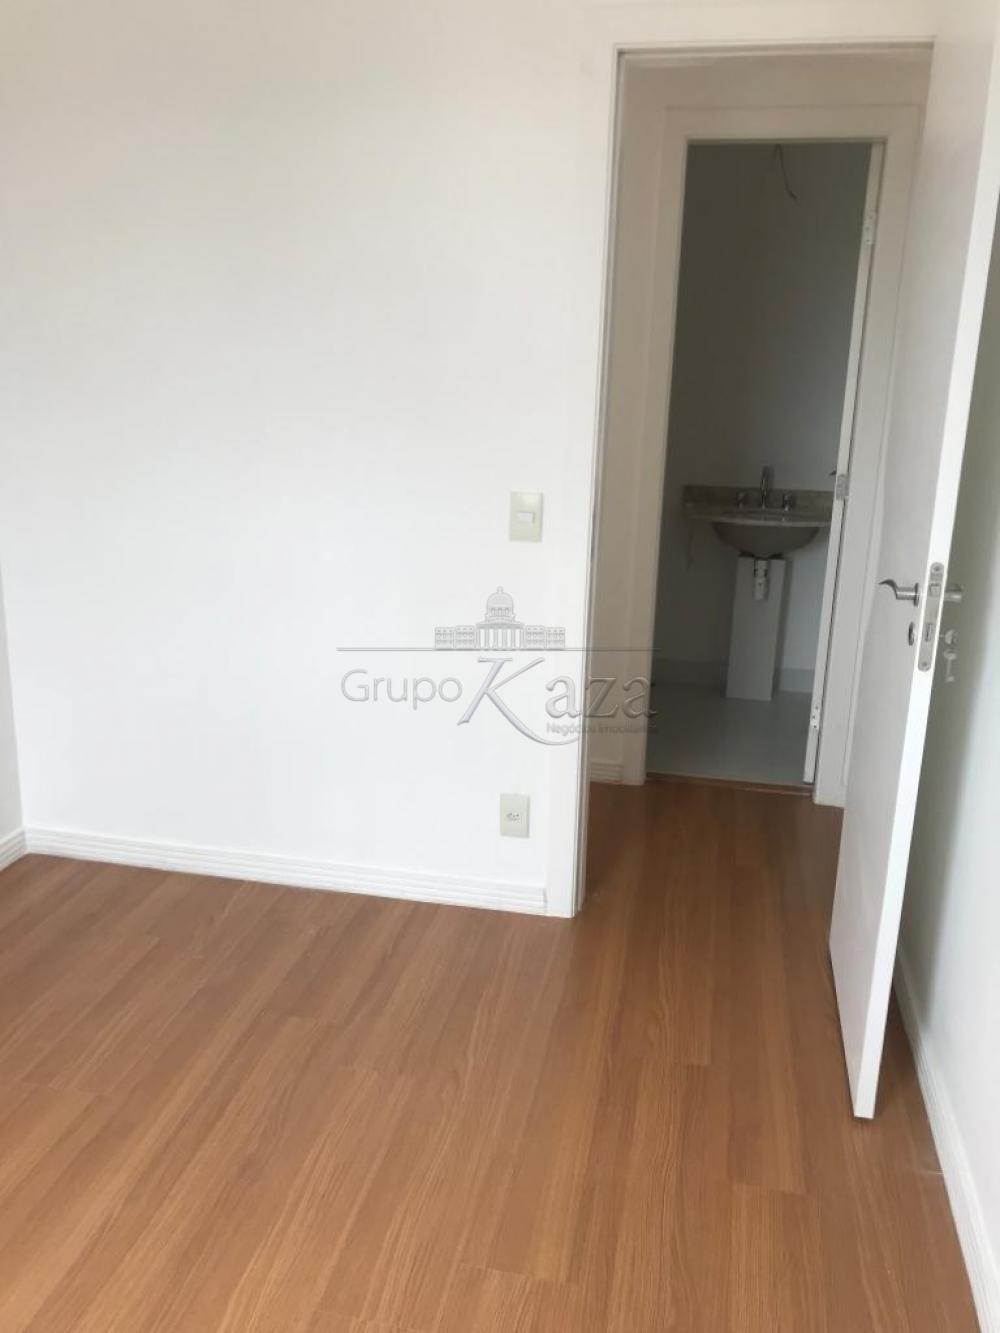 alt='Comprar Apartamento / Padrão em São José dos Campos R$ 350.000,00 - Foto 18' title='Comprar Apartamento / Padrão em São José dos Campos R$ 350.000,00 - Foto 18'